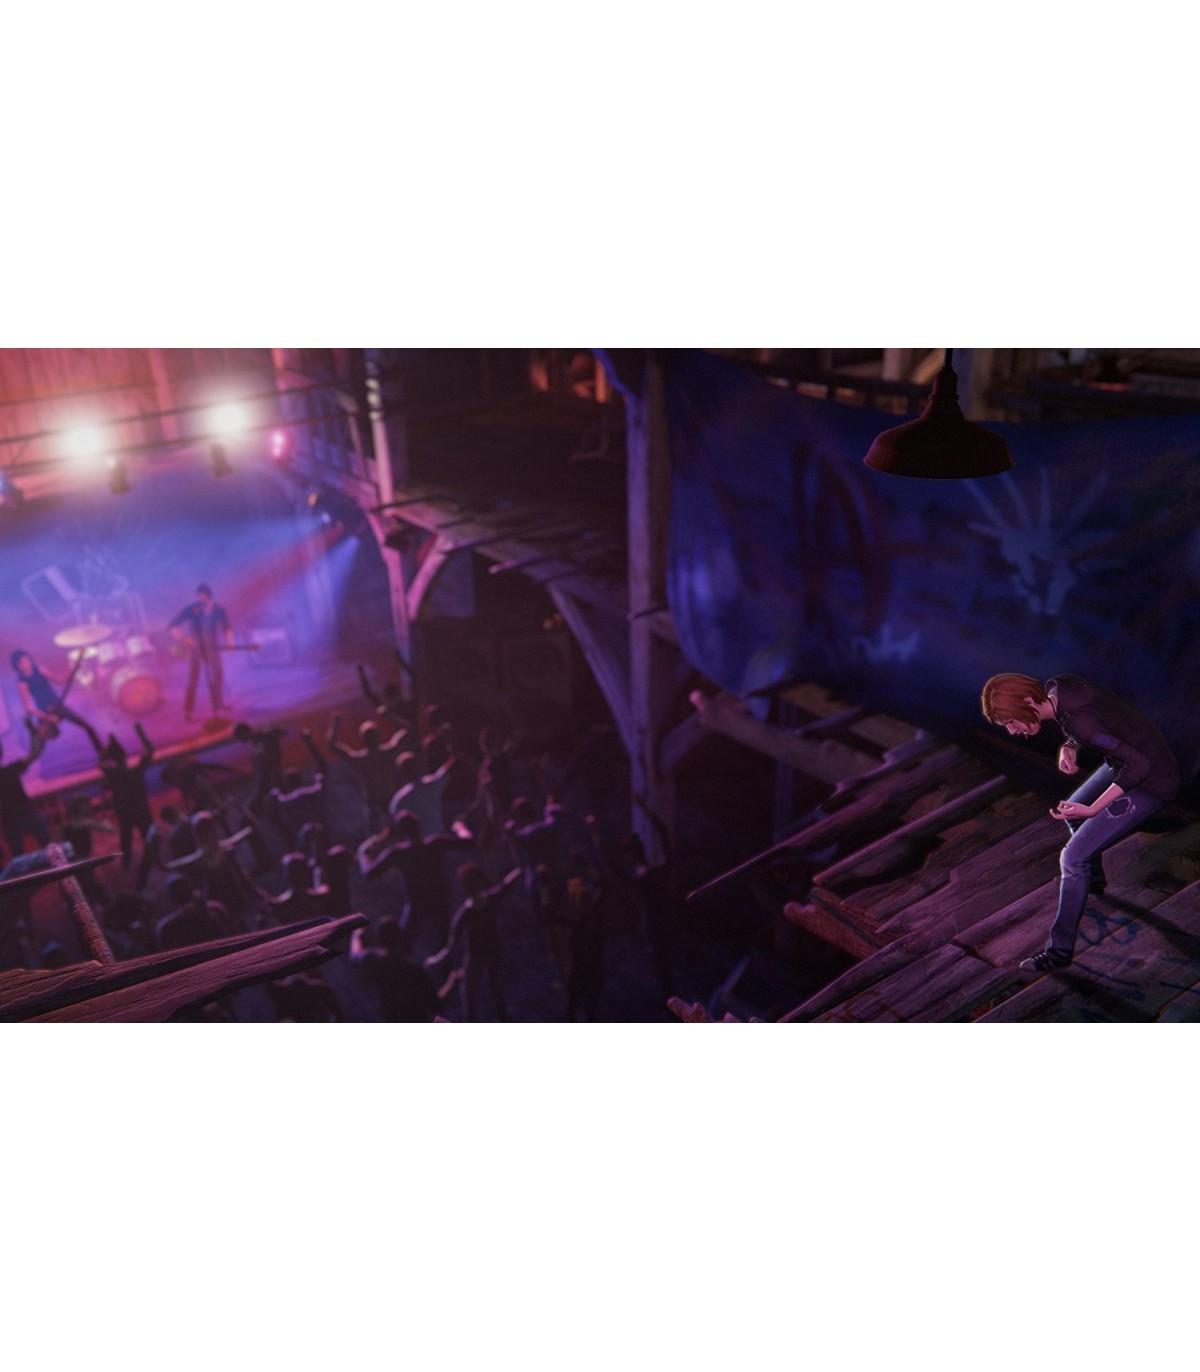 بازی Life is Strange: Before The Storm - پلی استیشن 4